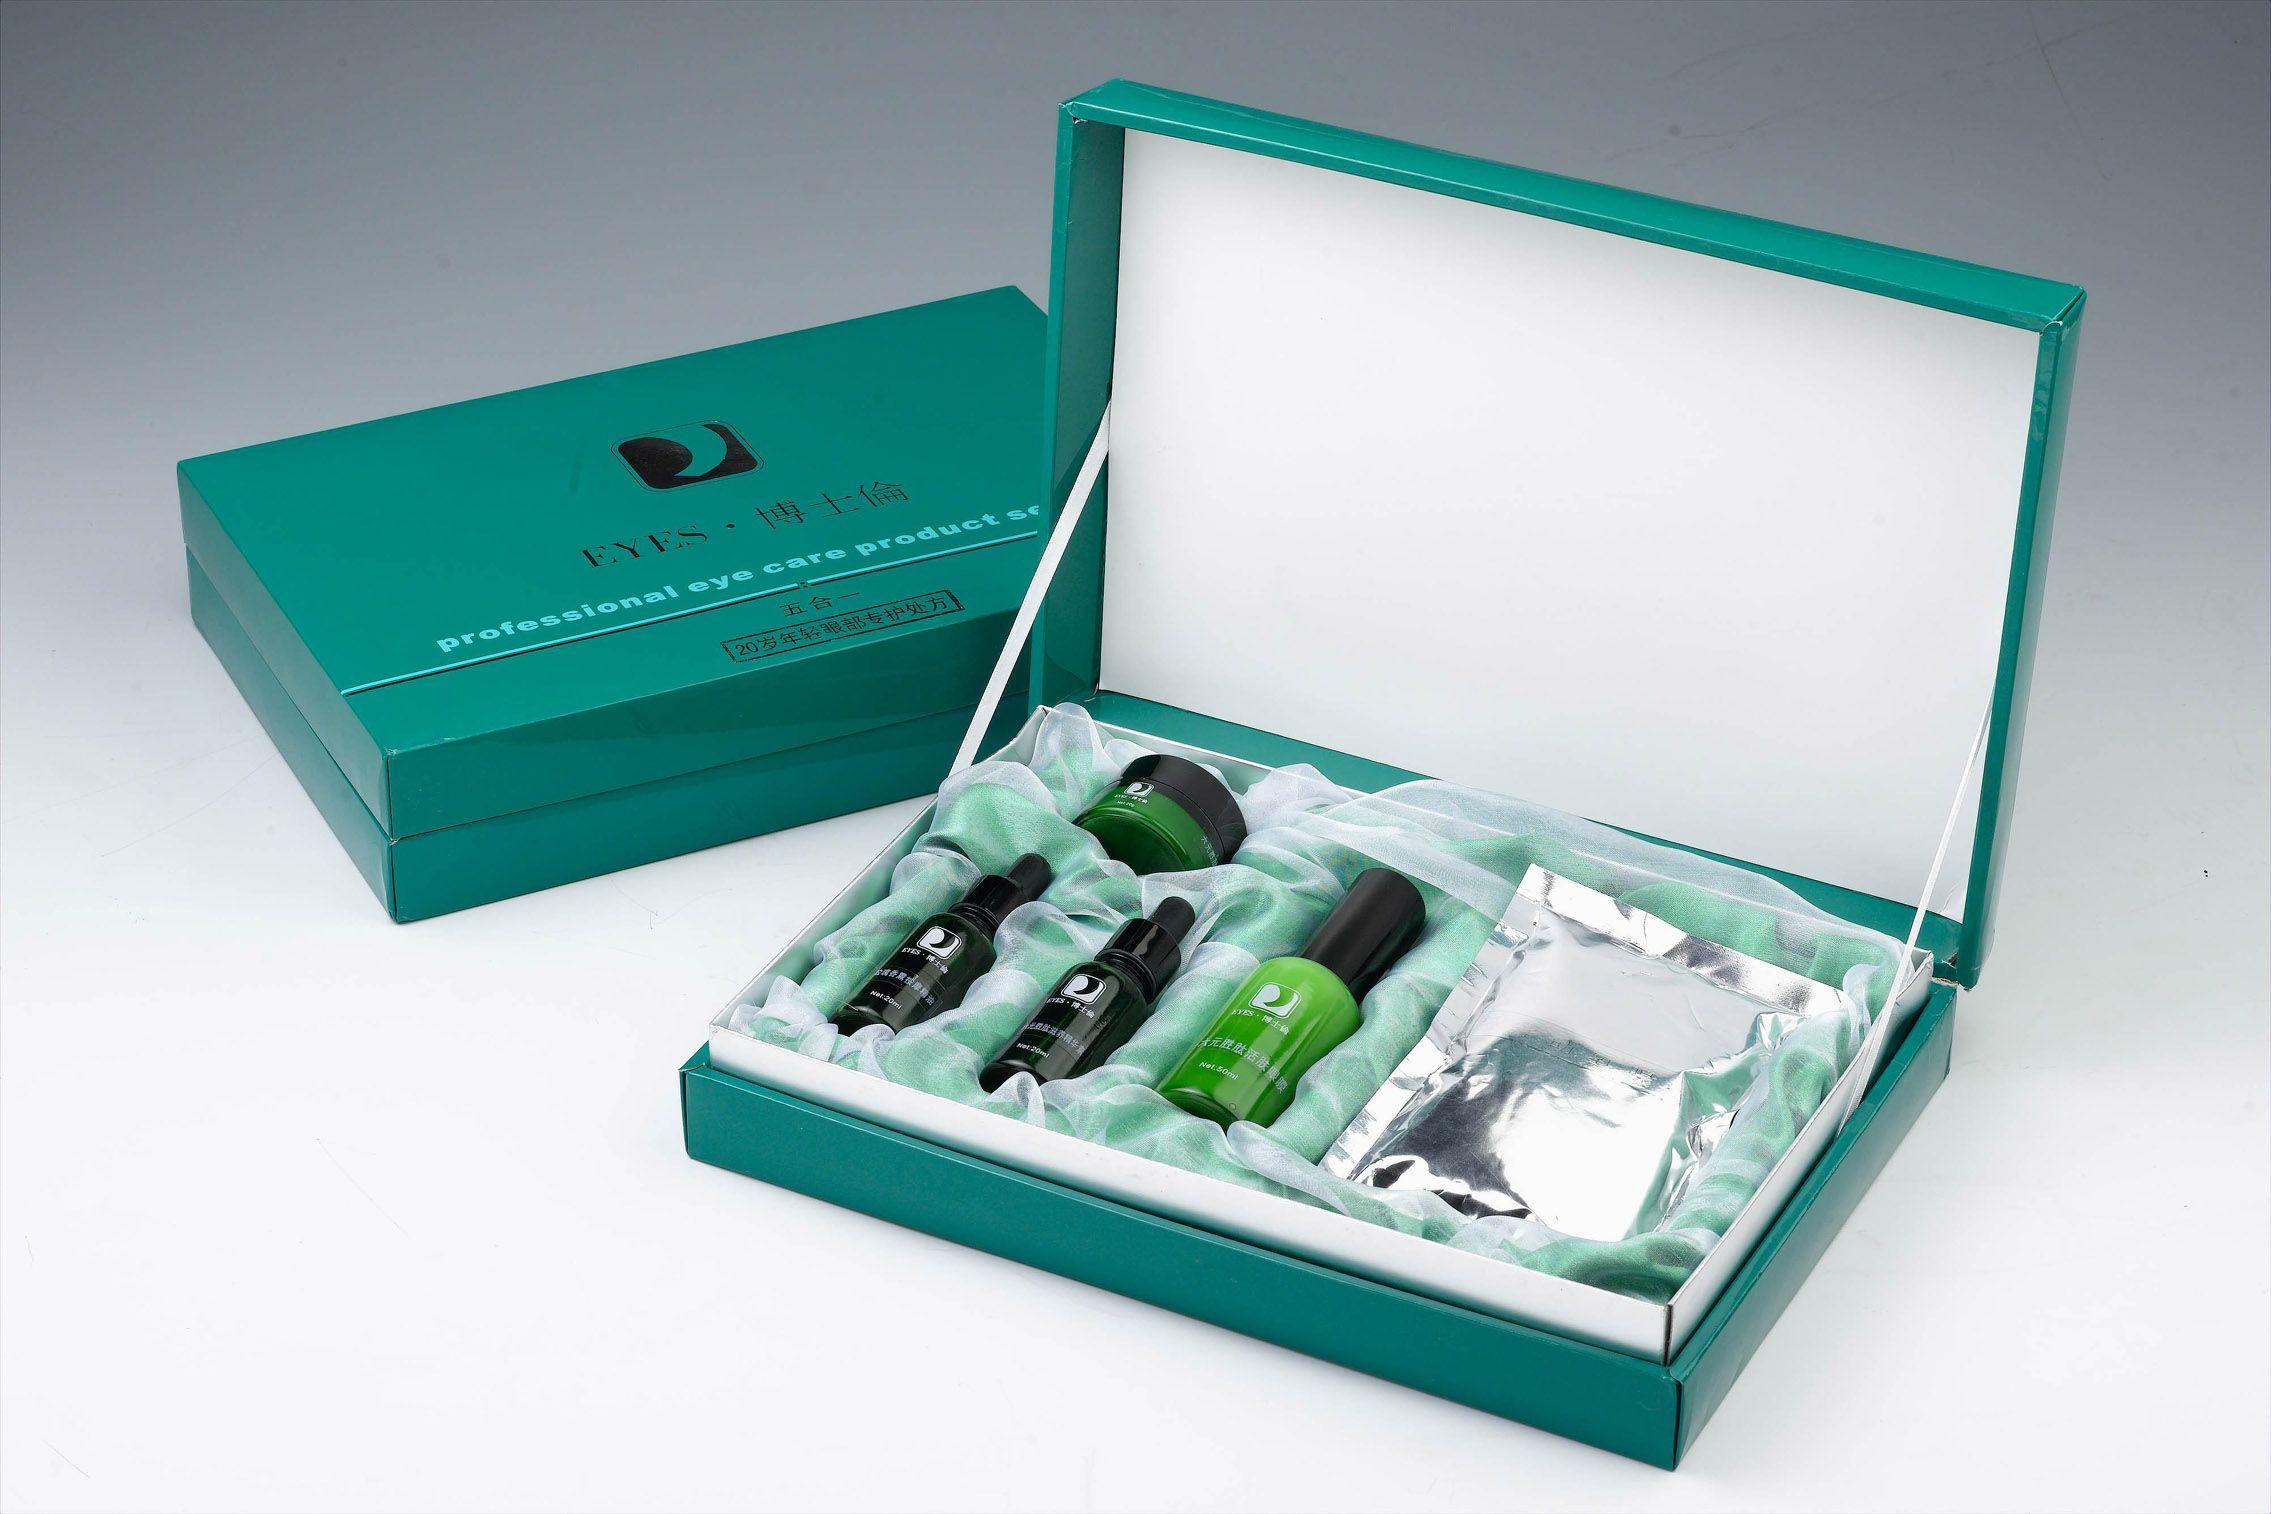 化妆品盒武汉礼品盒|茶叶盒|月饼盒|礼品包装盒|武汉